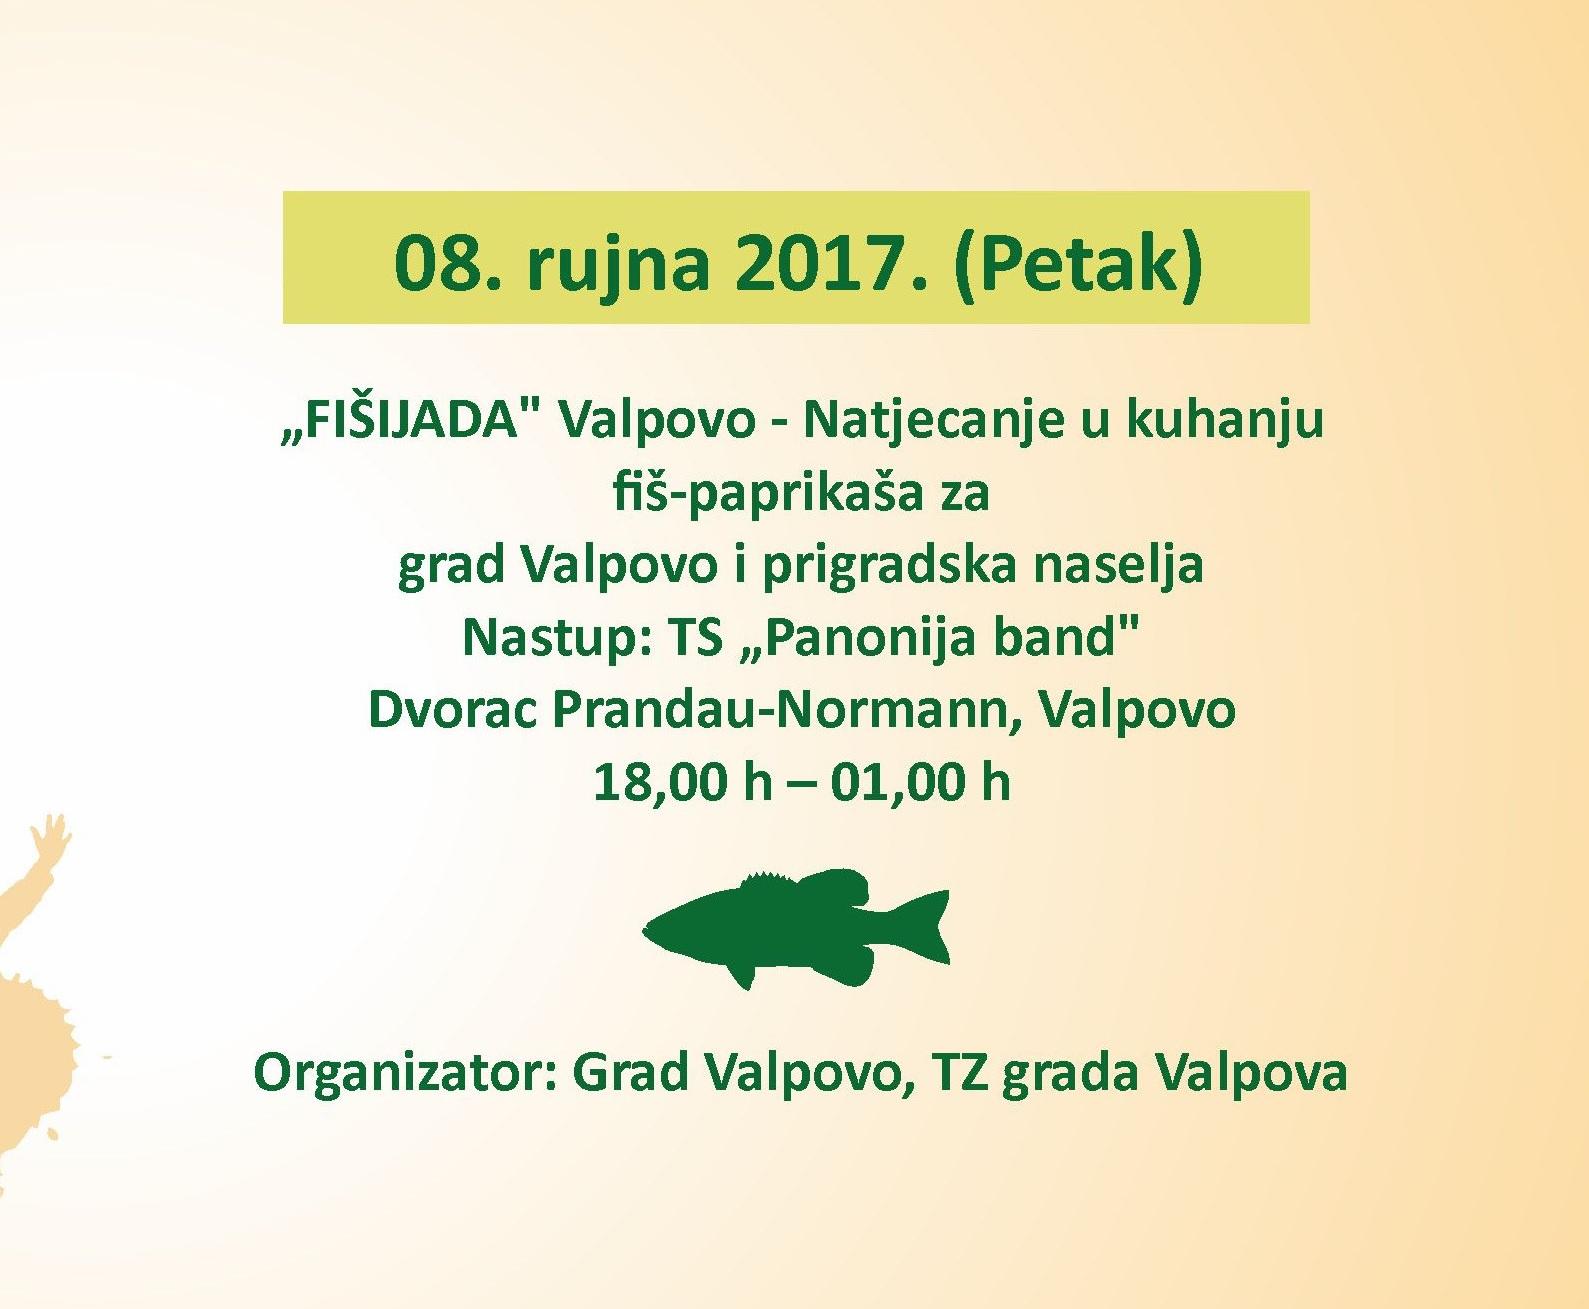 Javni poziv za sudjelovanje na natjecanju u pripremi fiš-paprikaša